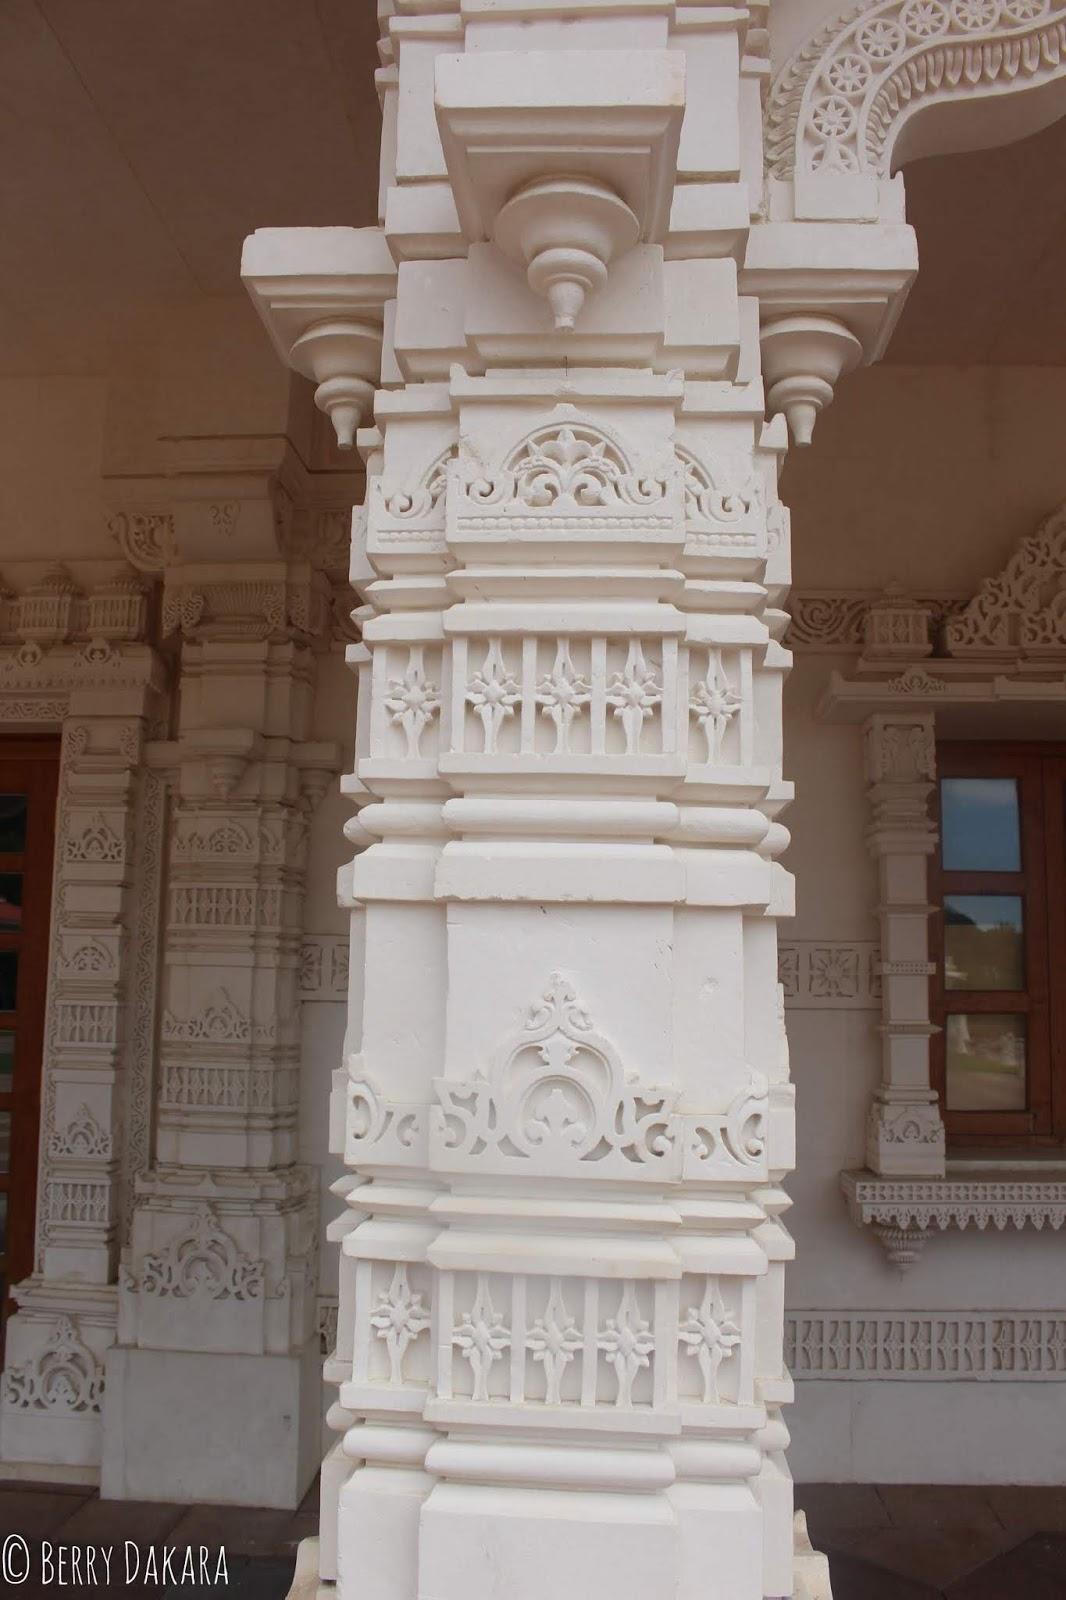 baps shri swaminarayan mandir atlanta, hindu atlanta, hindu temple, travel atlanta, tourism, discover georgia, visit atlanta, hindu temple atlanta, architecture atlanta